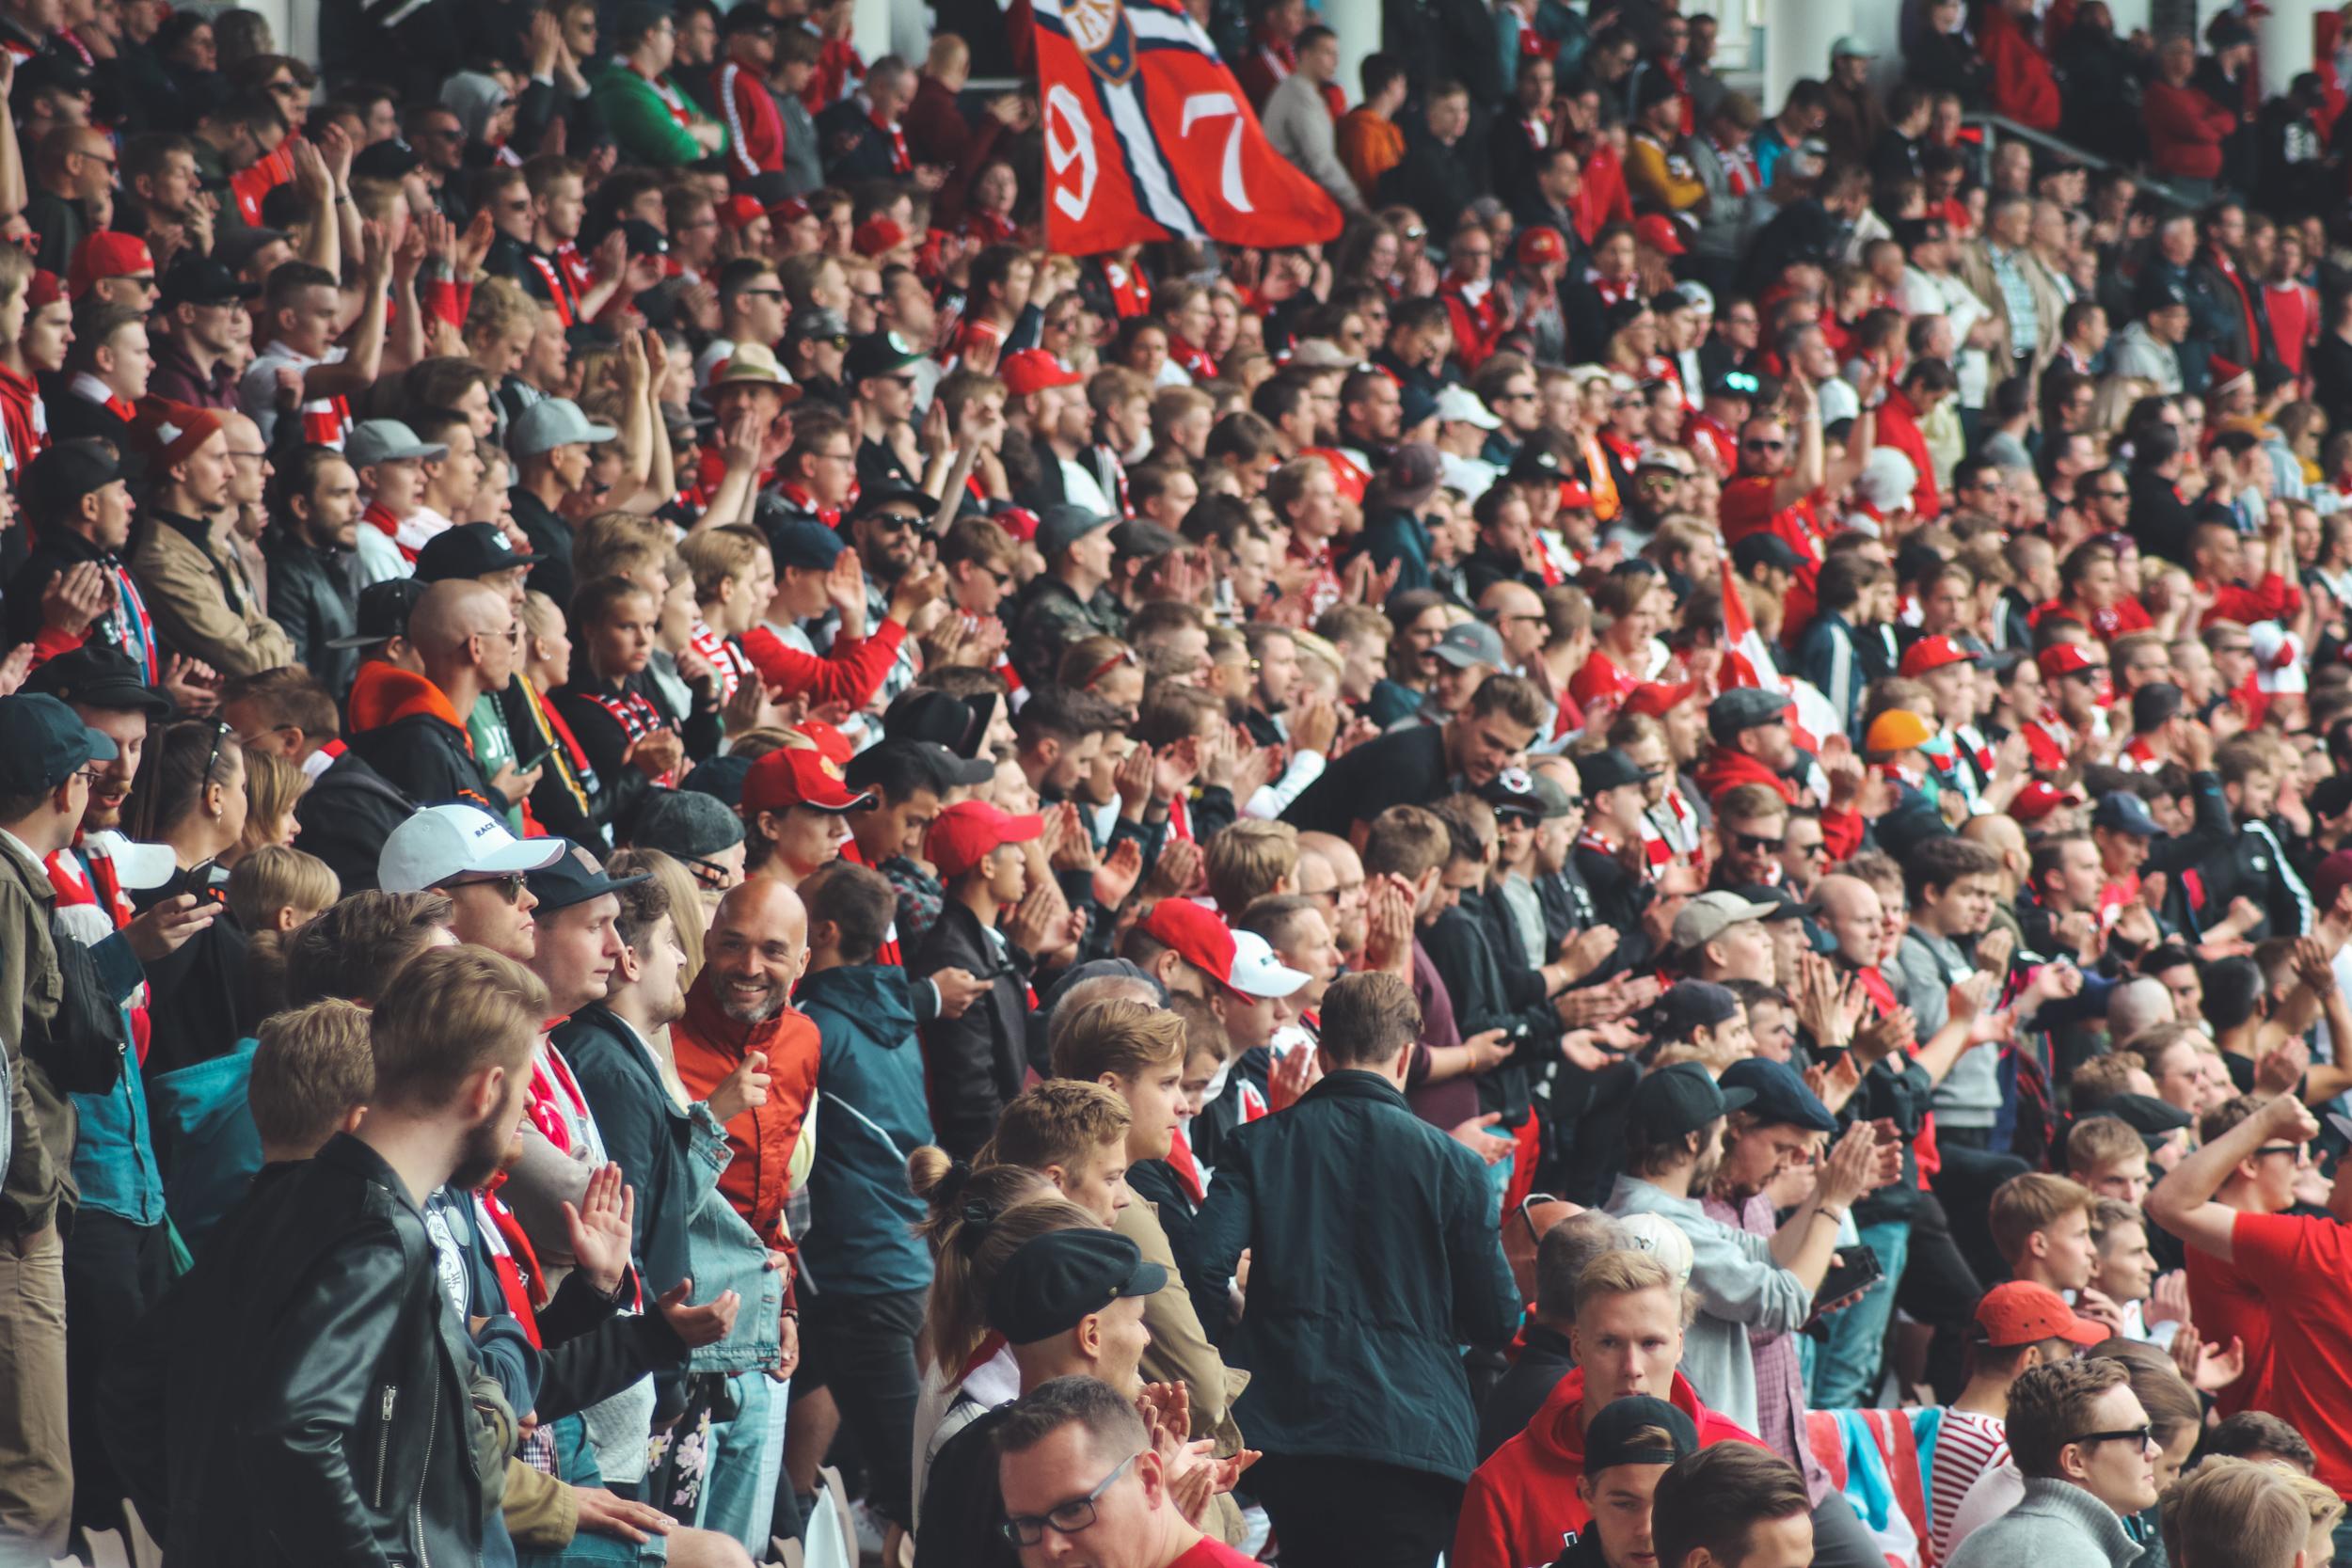 HIFK välkomnar publik till matchen mot FC Honka – under mycket begränsade förhållanden